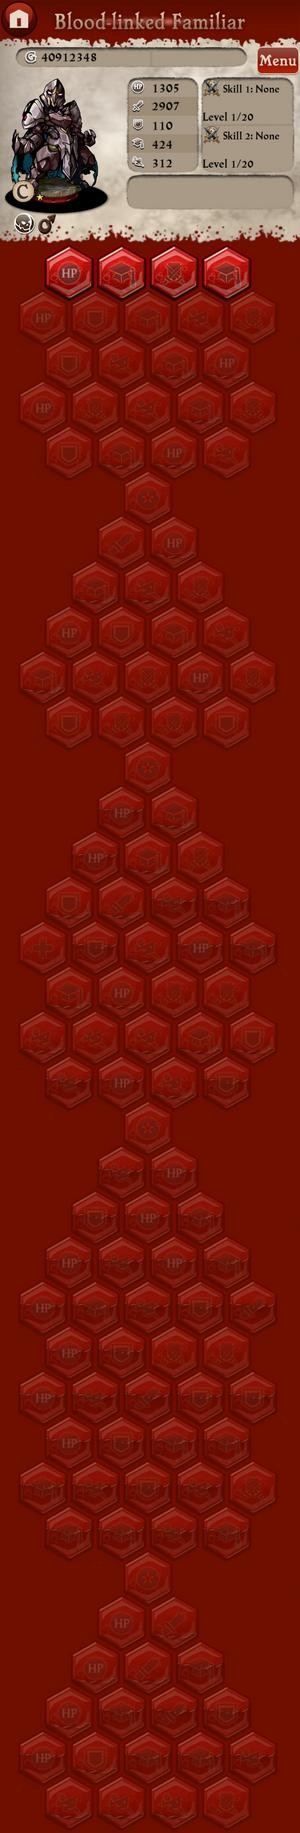 Blood-linked-Valafar-Tree